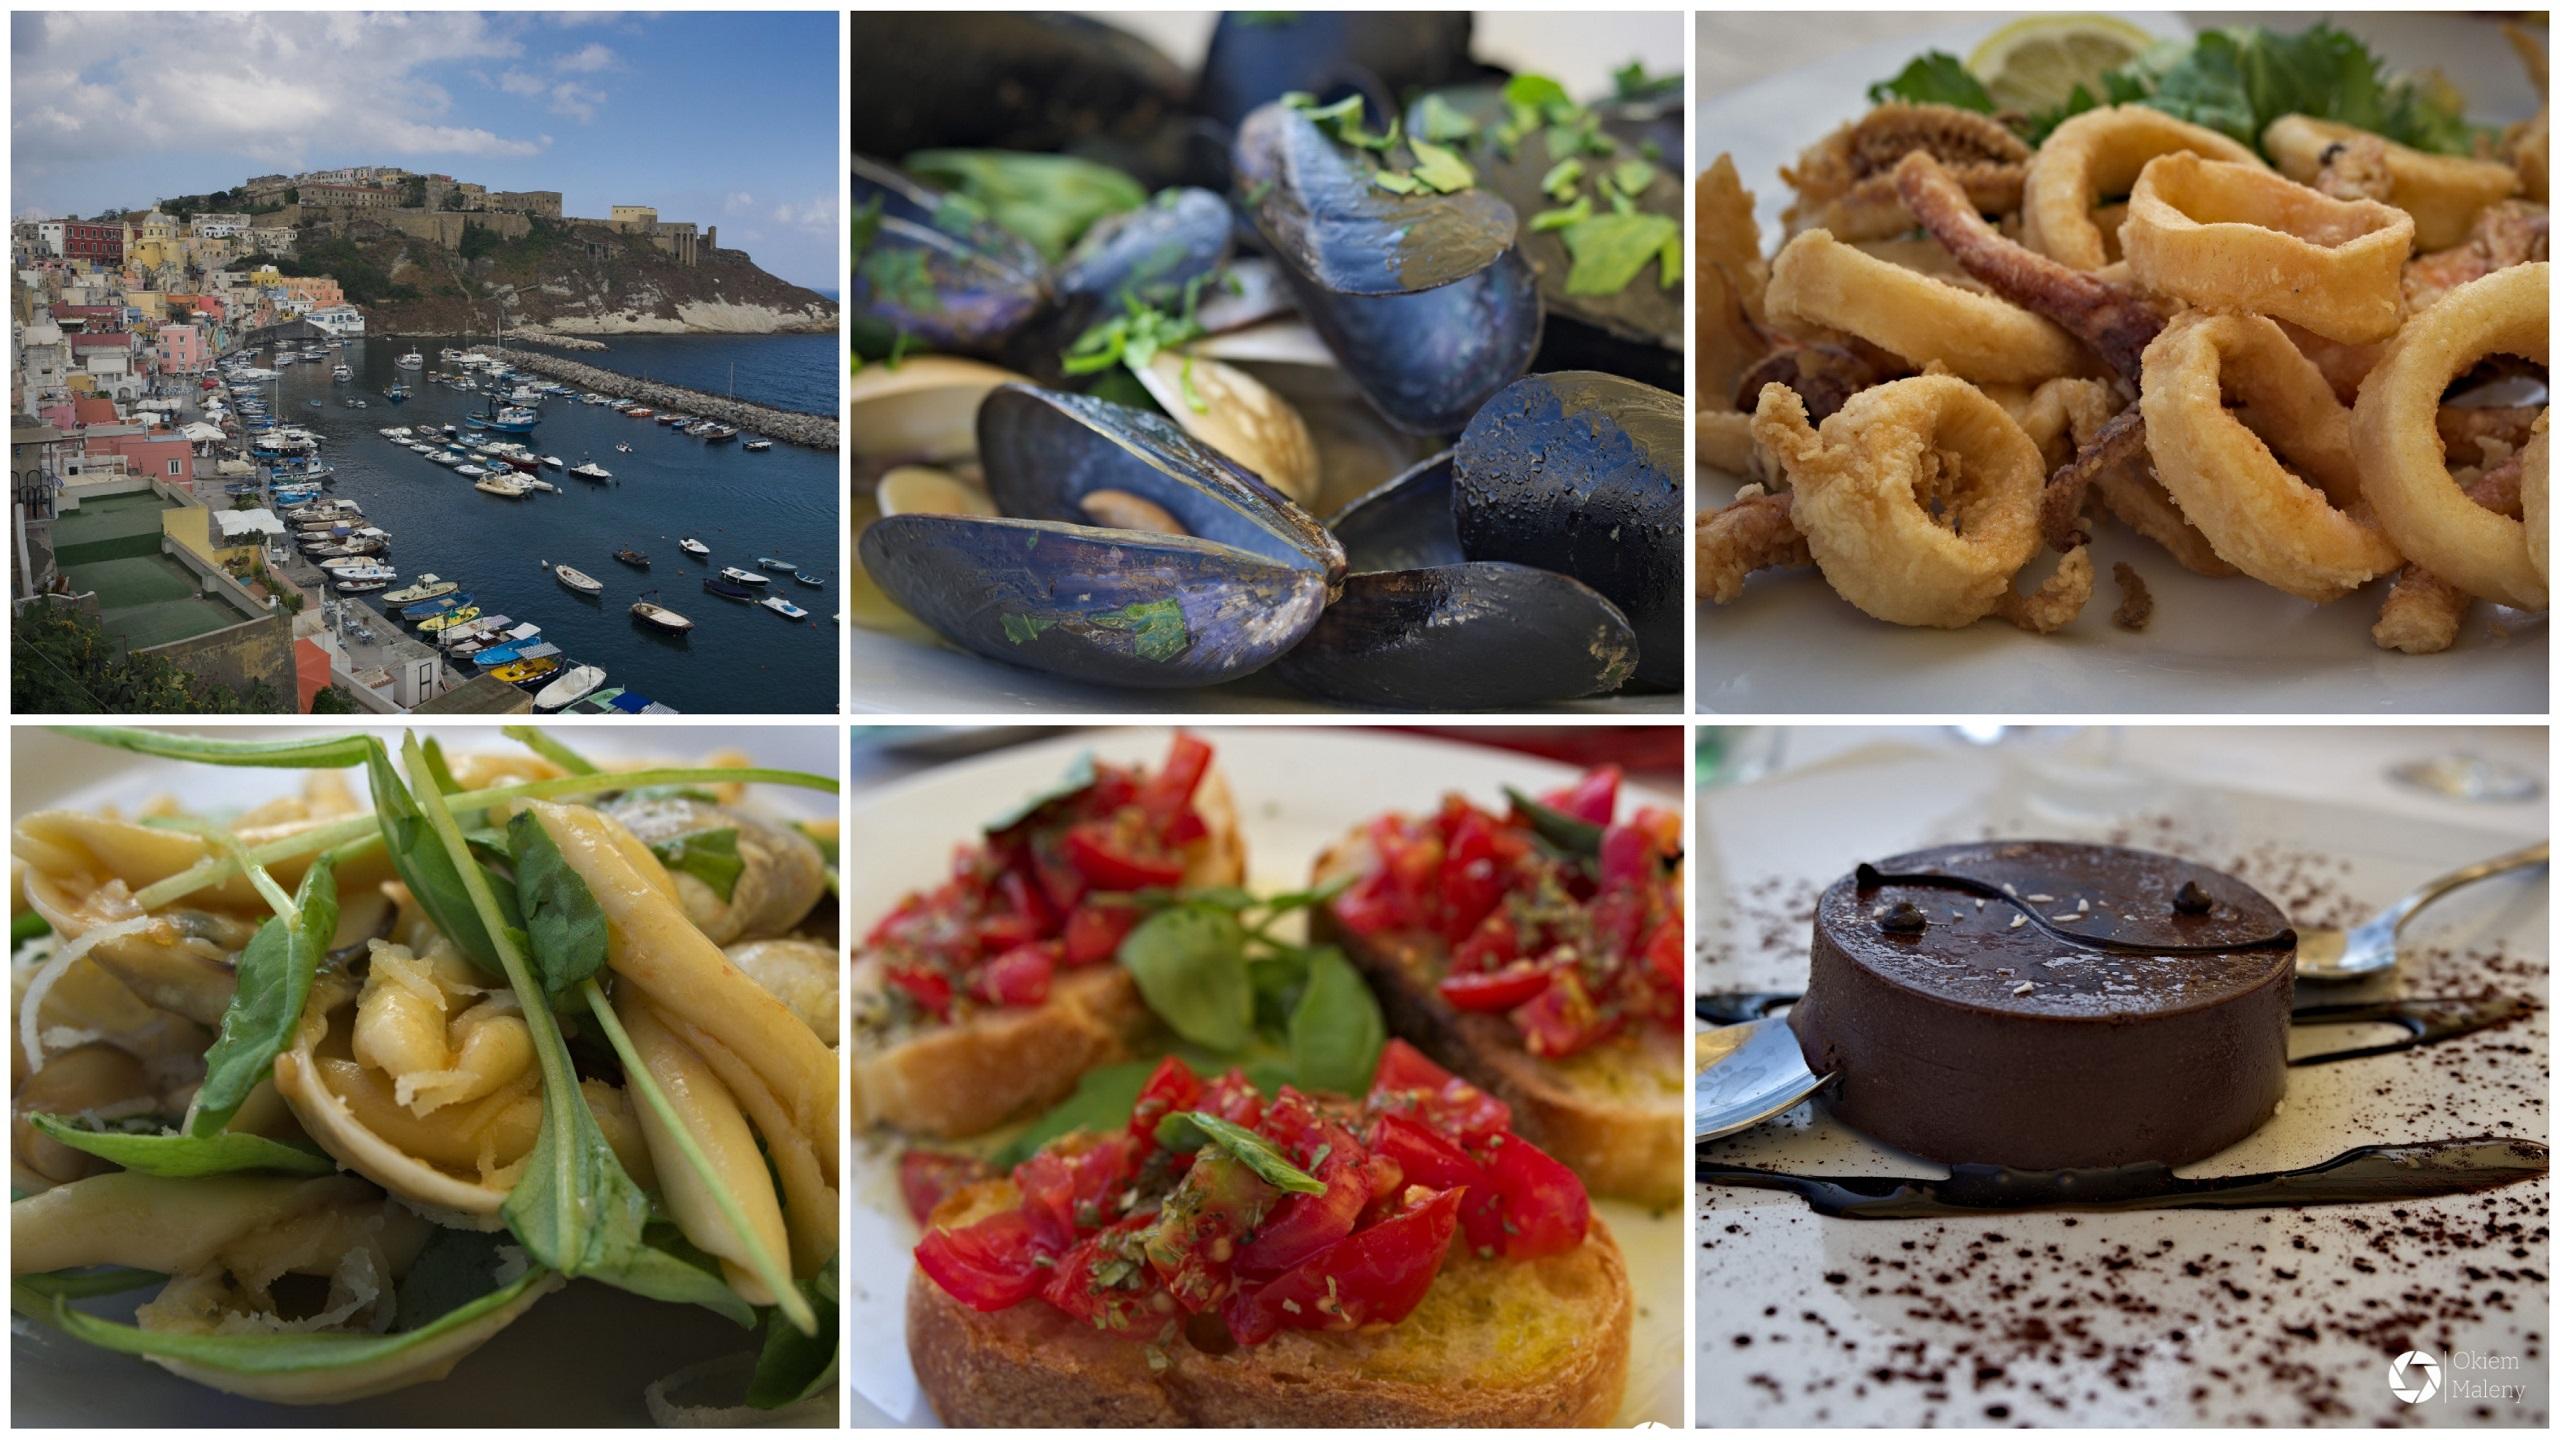 Włochy – Kampania - La locanda del Postino - kuchnie świata. Autorka: Maria Magdalena Krychowska.